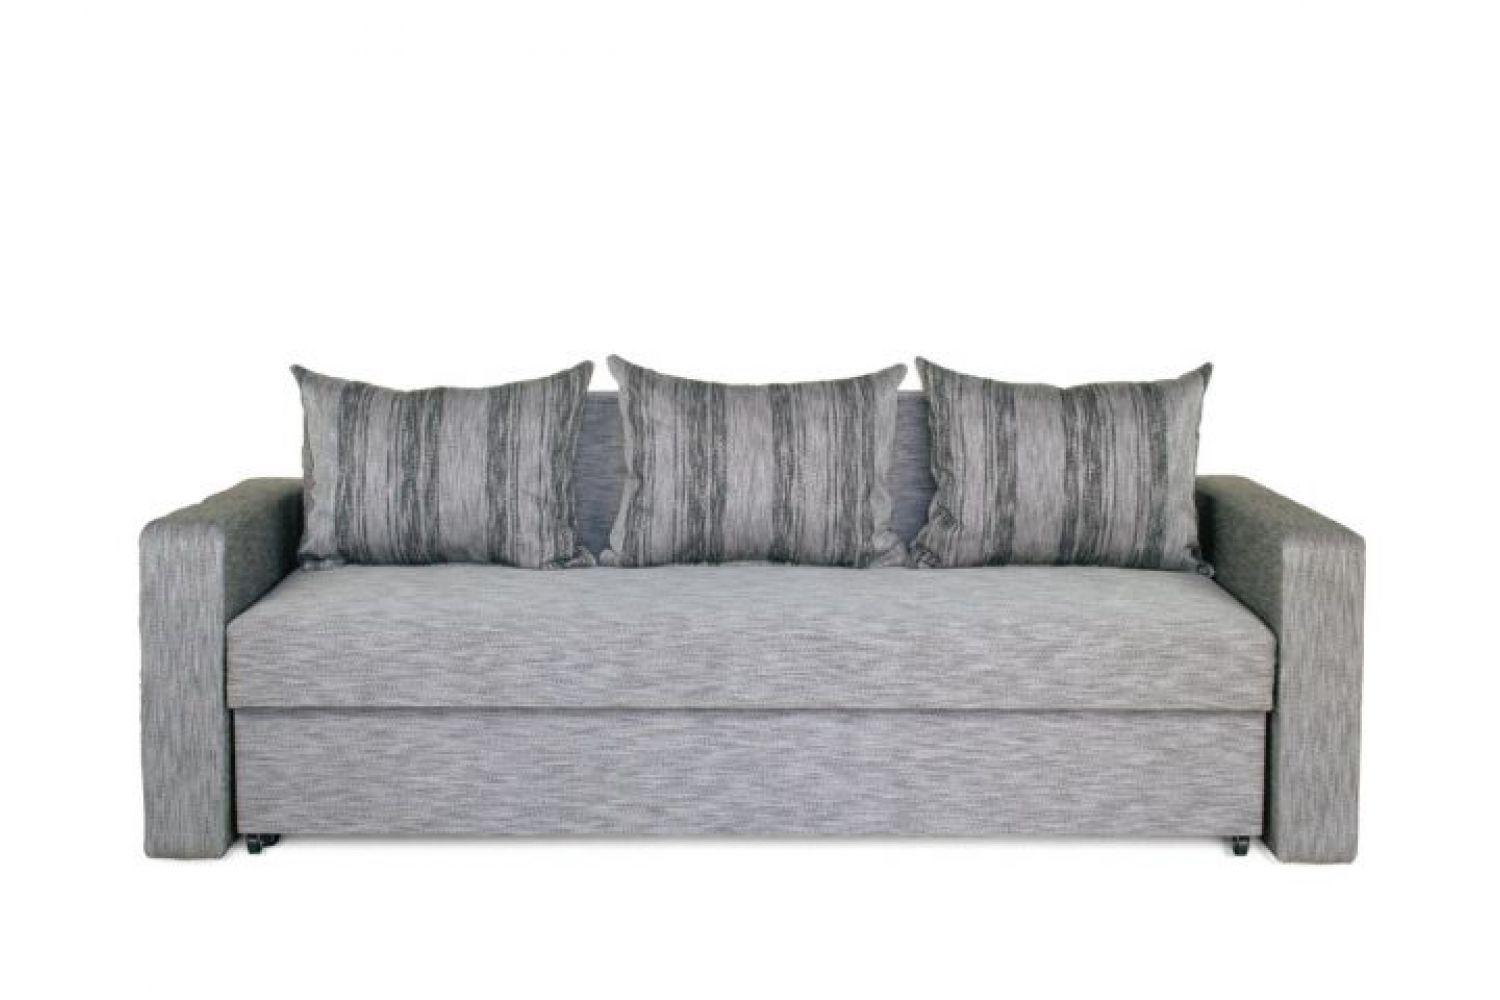 Прямые диваны - Президент 3 Ткань Silver фото 1 - ДиванКиев